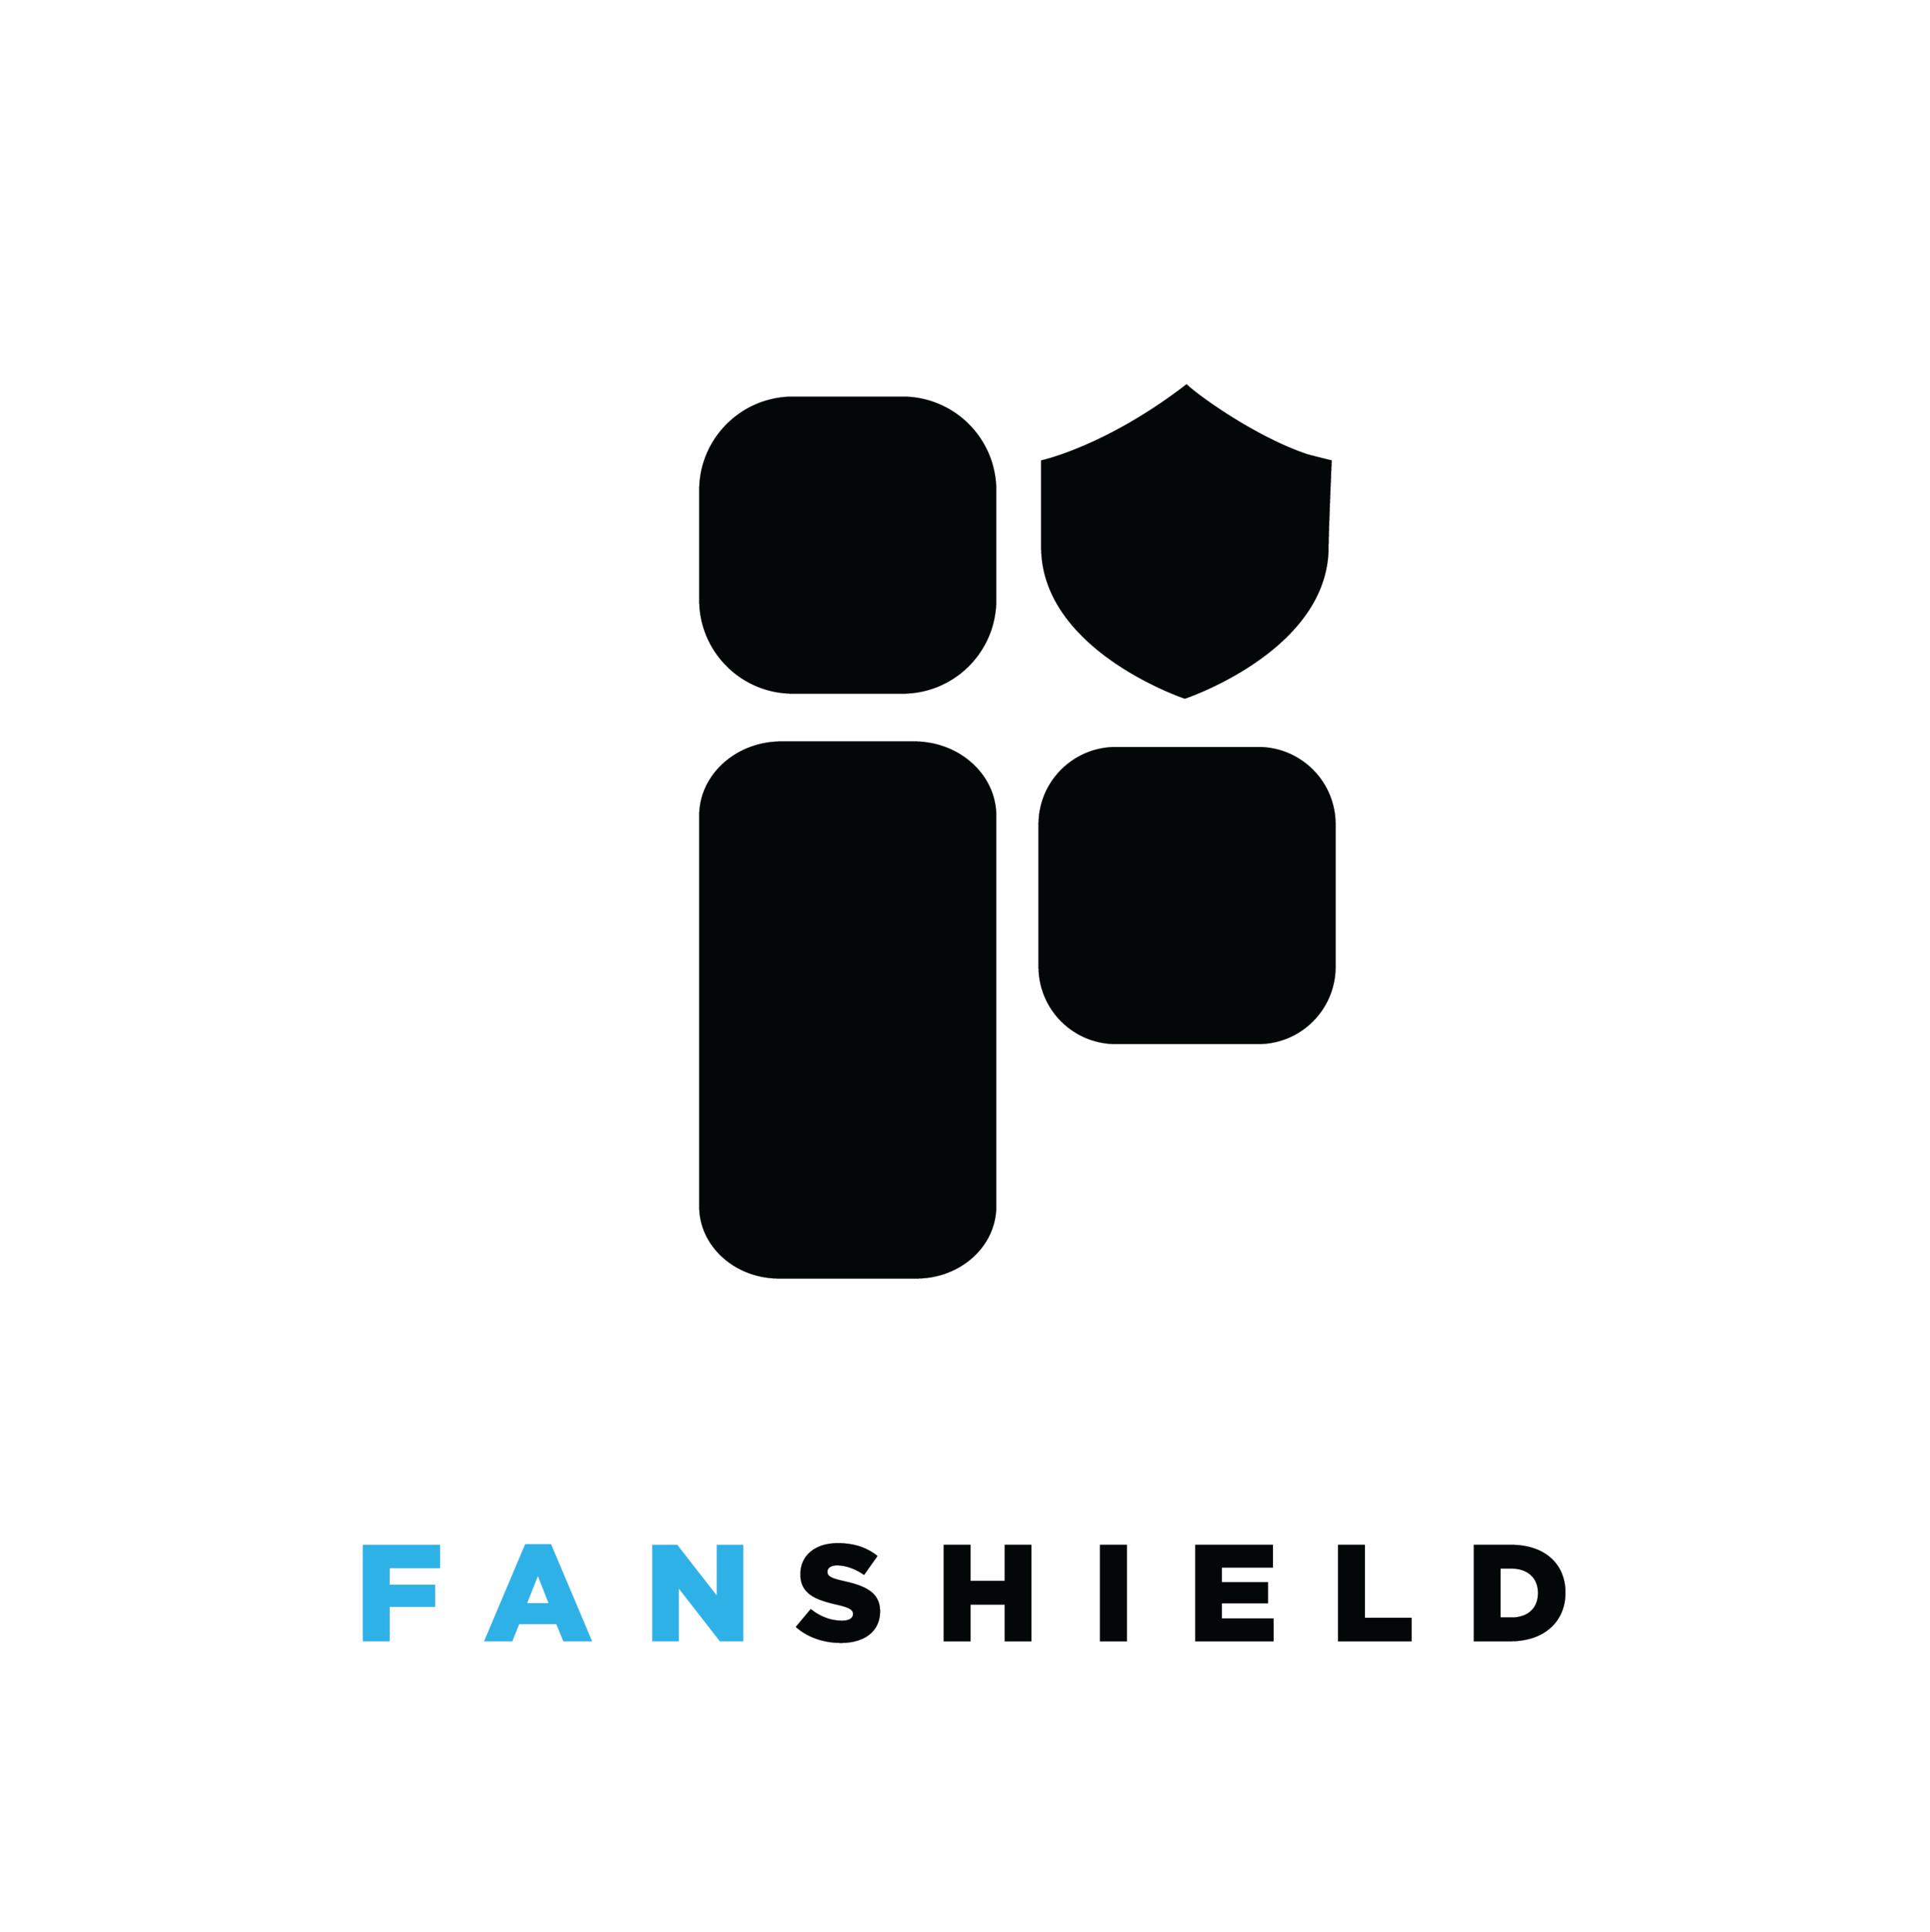 Fanshield_Square_Wht.png